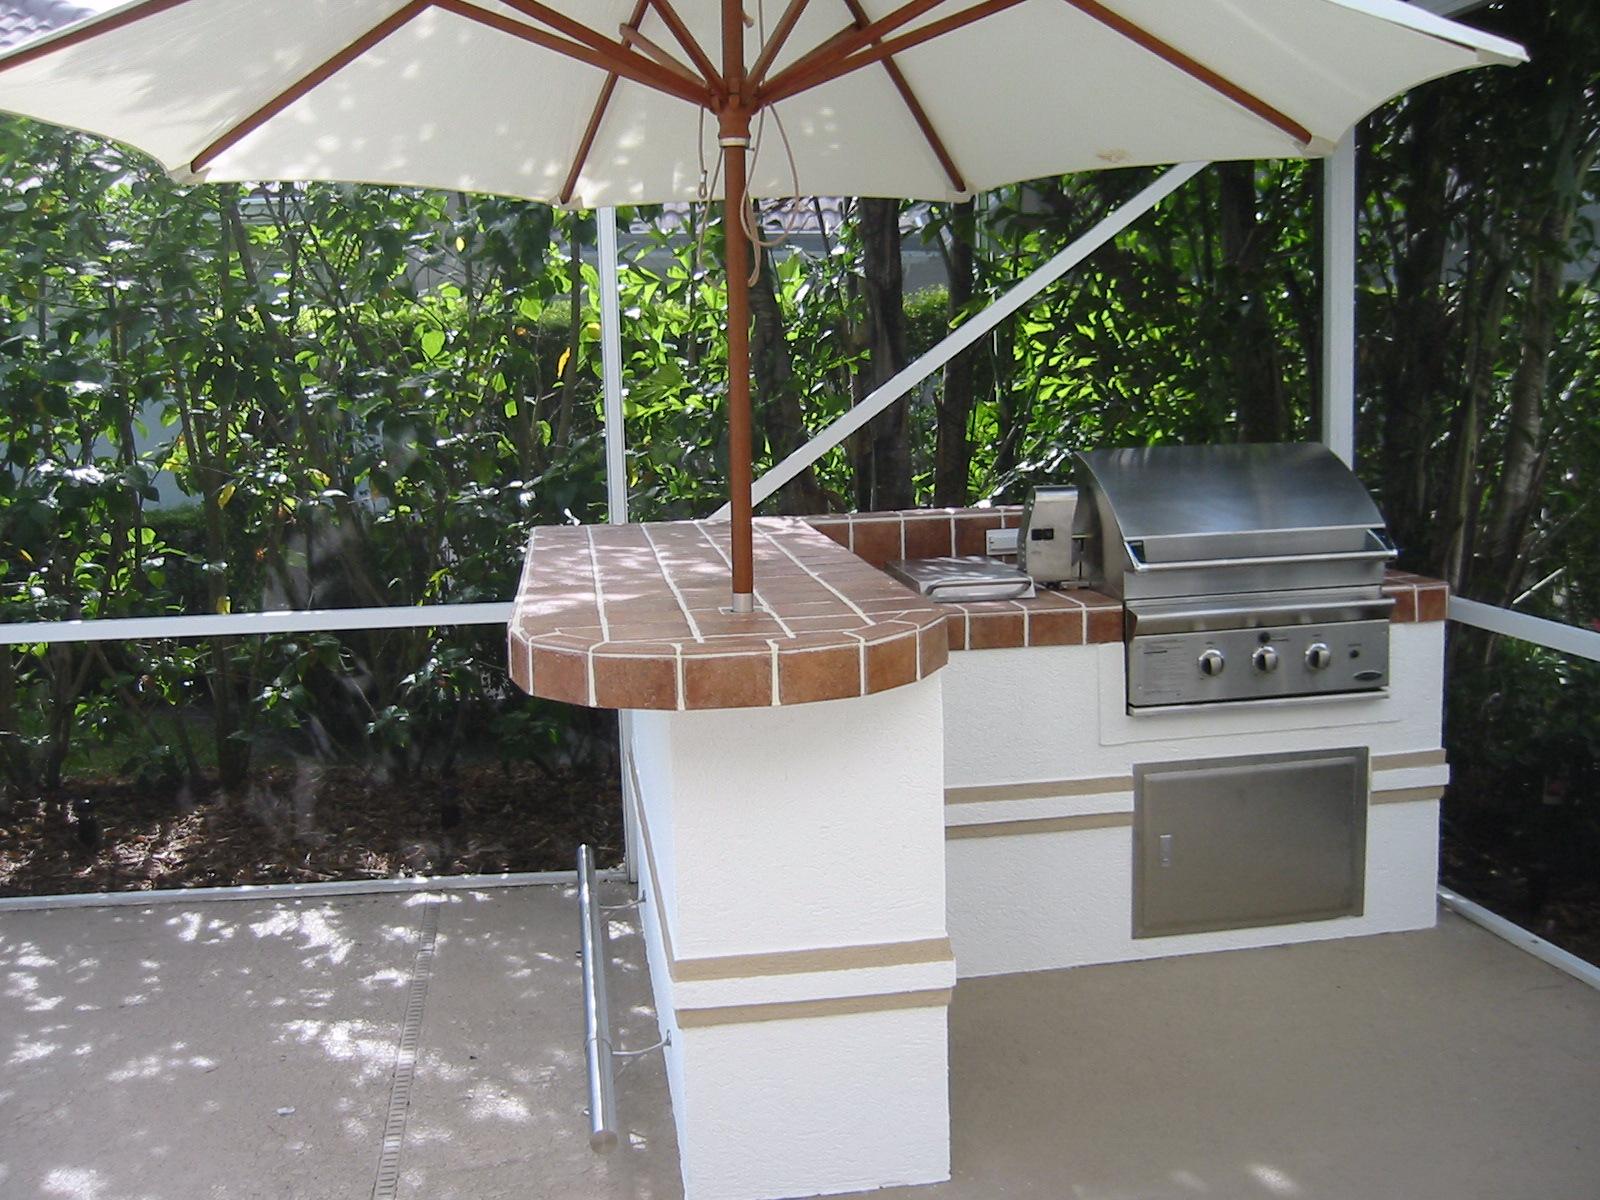 outdoor kitchen design images outdoor kitchen island outdoor kitchen l design grill island image